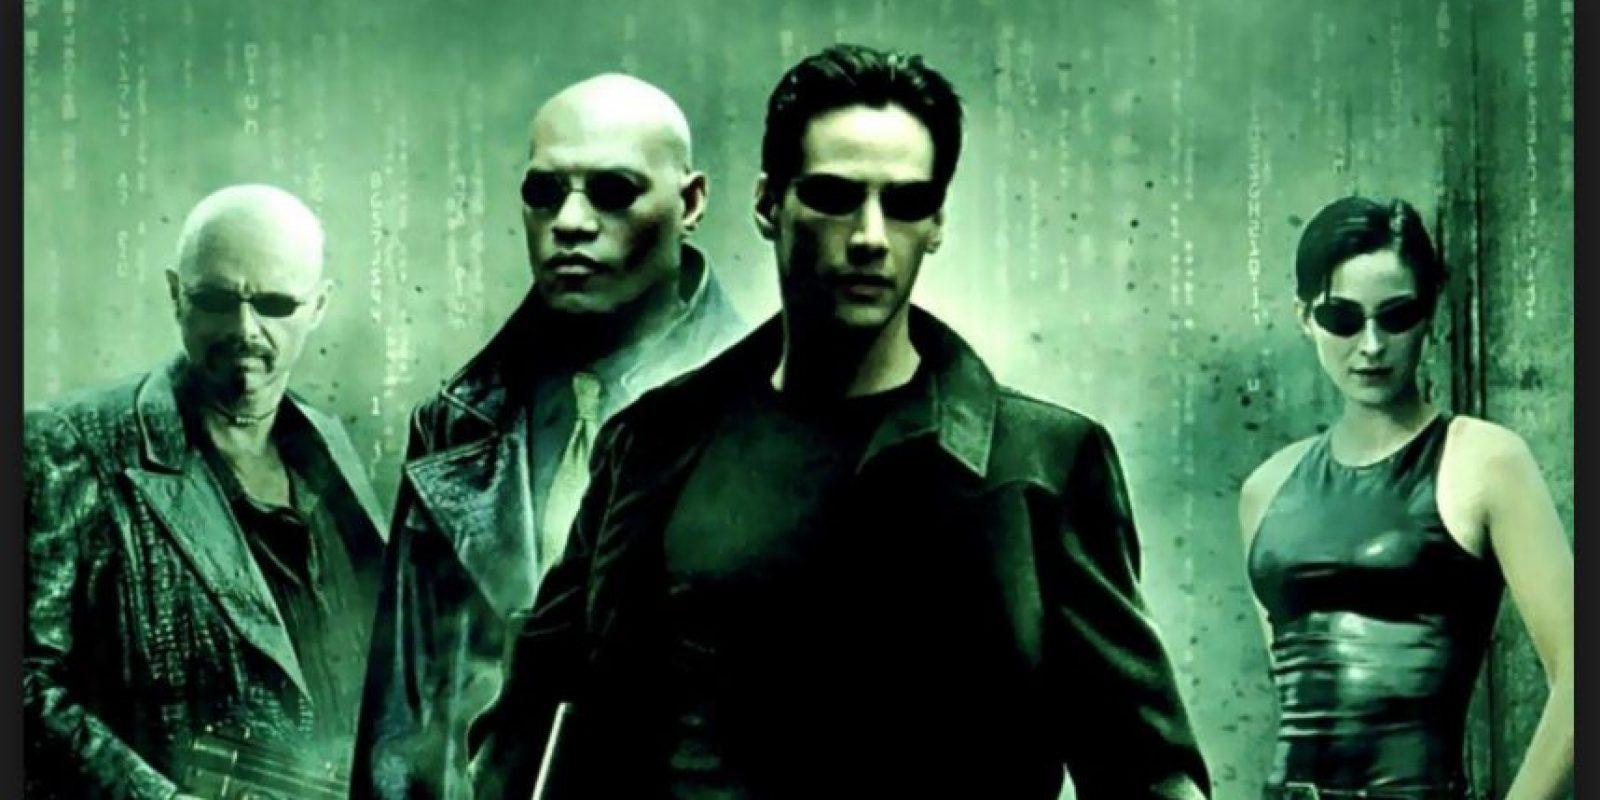 """""""The Matrix"""" es otro gran ejemplo de lo que el futuro de la inteligencia artificial puede propiciar Foto:Lana Wachowski/Andy Wachowski"""